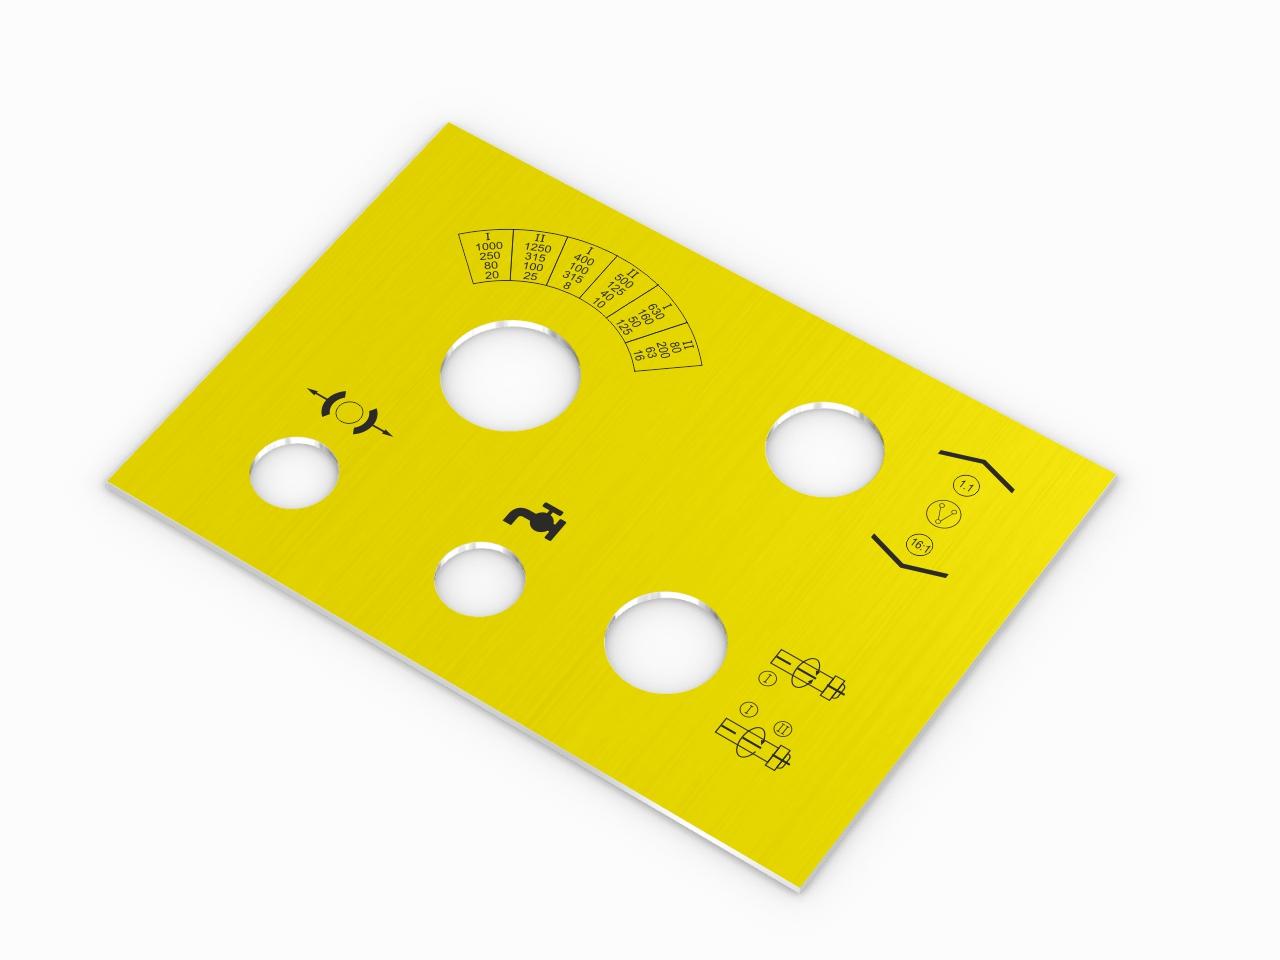 aluminiowy nieścieralny panel do sterowania maszyną w kolorze żółtym